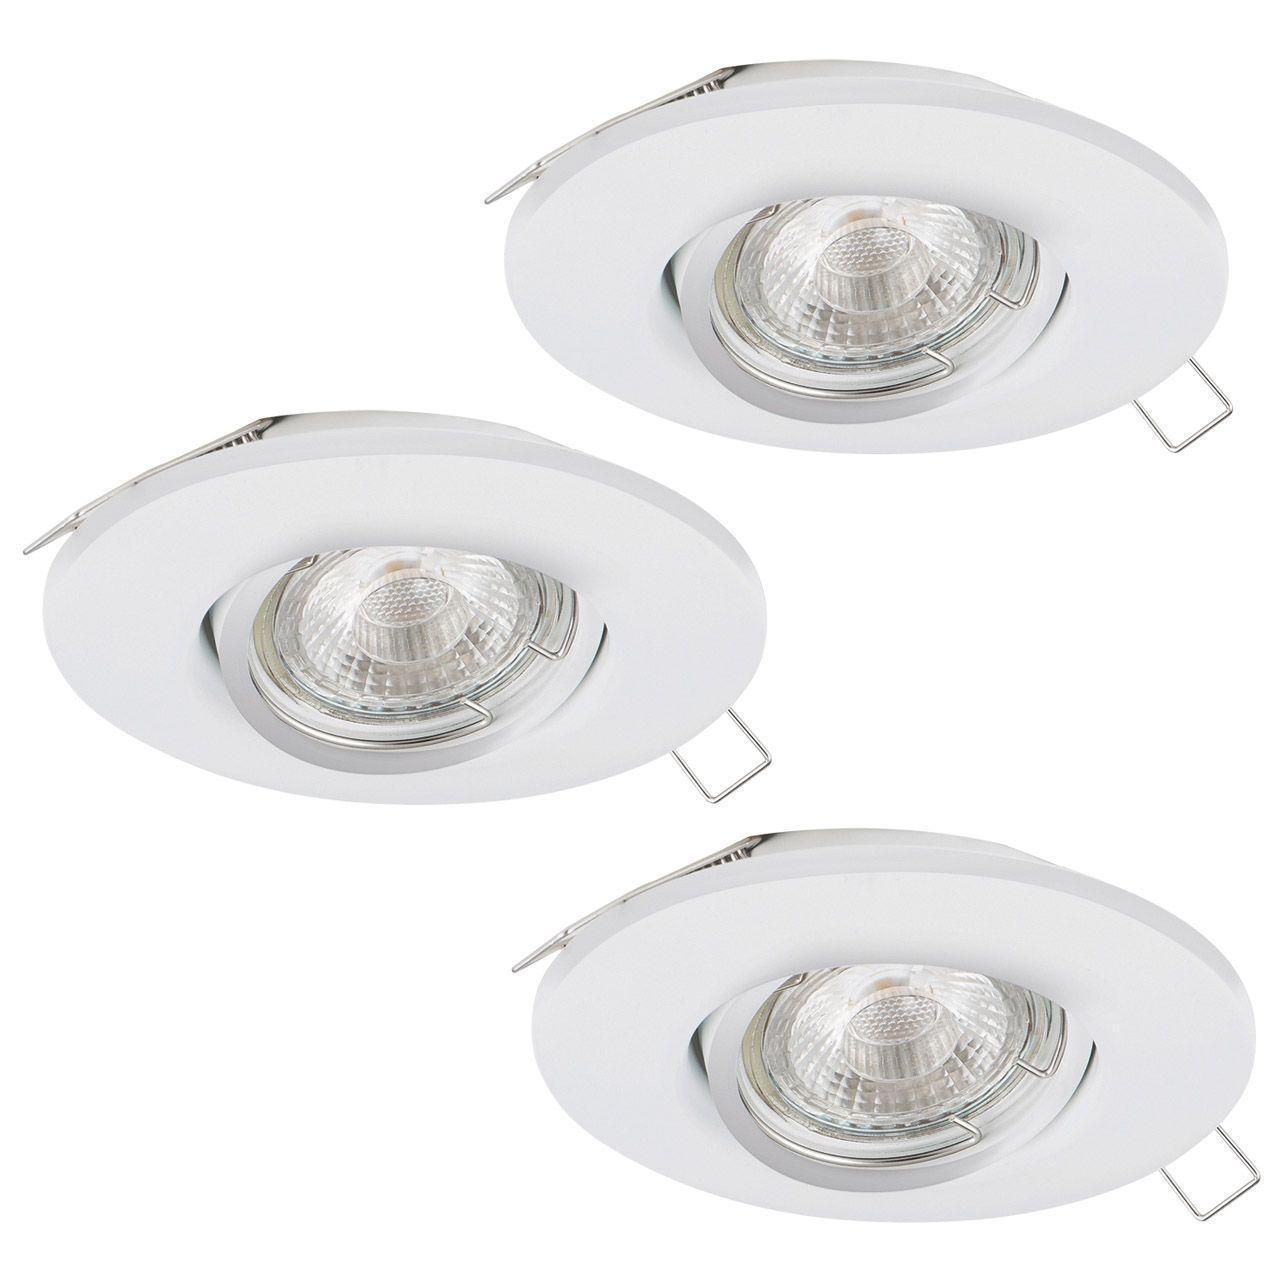 Встраиваемый светодиодный светильник Eglo Peneto 1 95895 eglo встраиваемый светильник eglo peneto 94239